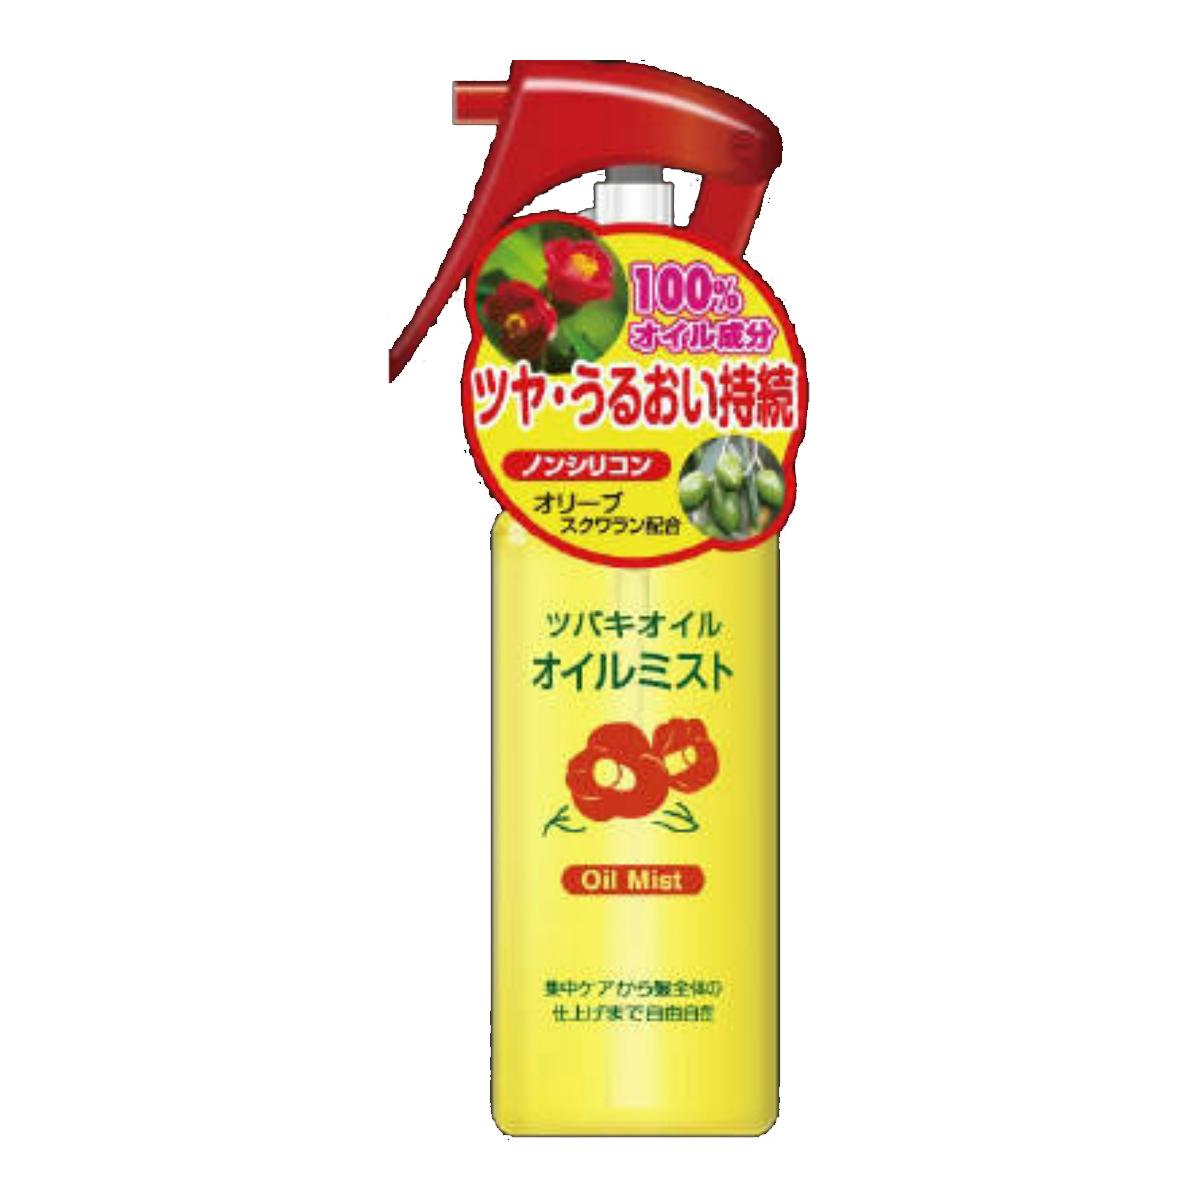 【送料込】黒ばら本舗 ツバキオイルミスト 80ml  フローラルの香り 椿油 ( 椿オイル ) スタイリング ヘアスプレー・ミスト×48点セット まとめ買い特価!ケース販売 ( 4901508973499 )